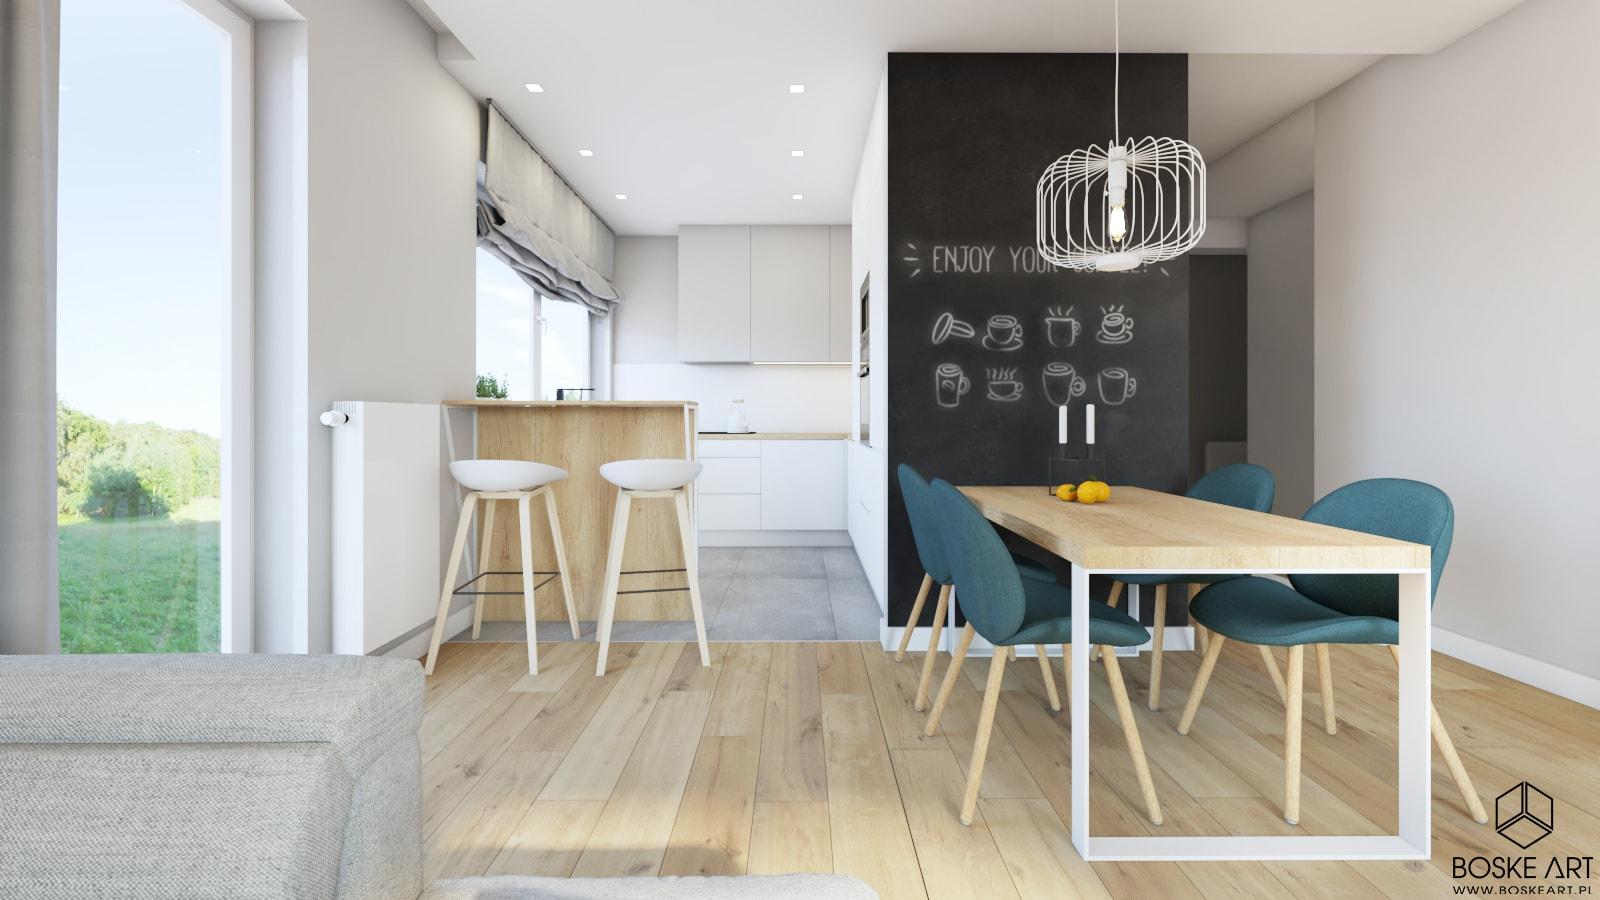 8_projekt_mieszkania_poznan_projektowanie_wnetrz_architektura_boske_art_natalia_robaszkiweicz-min